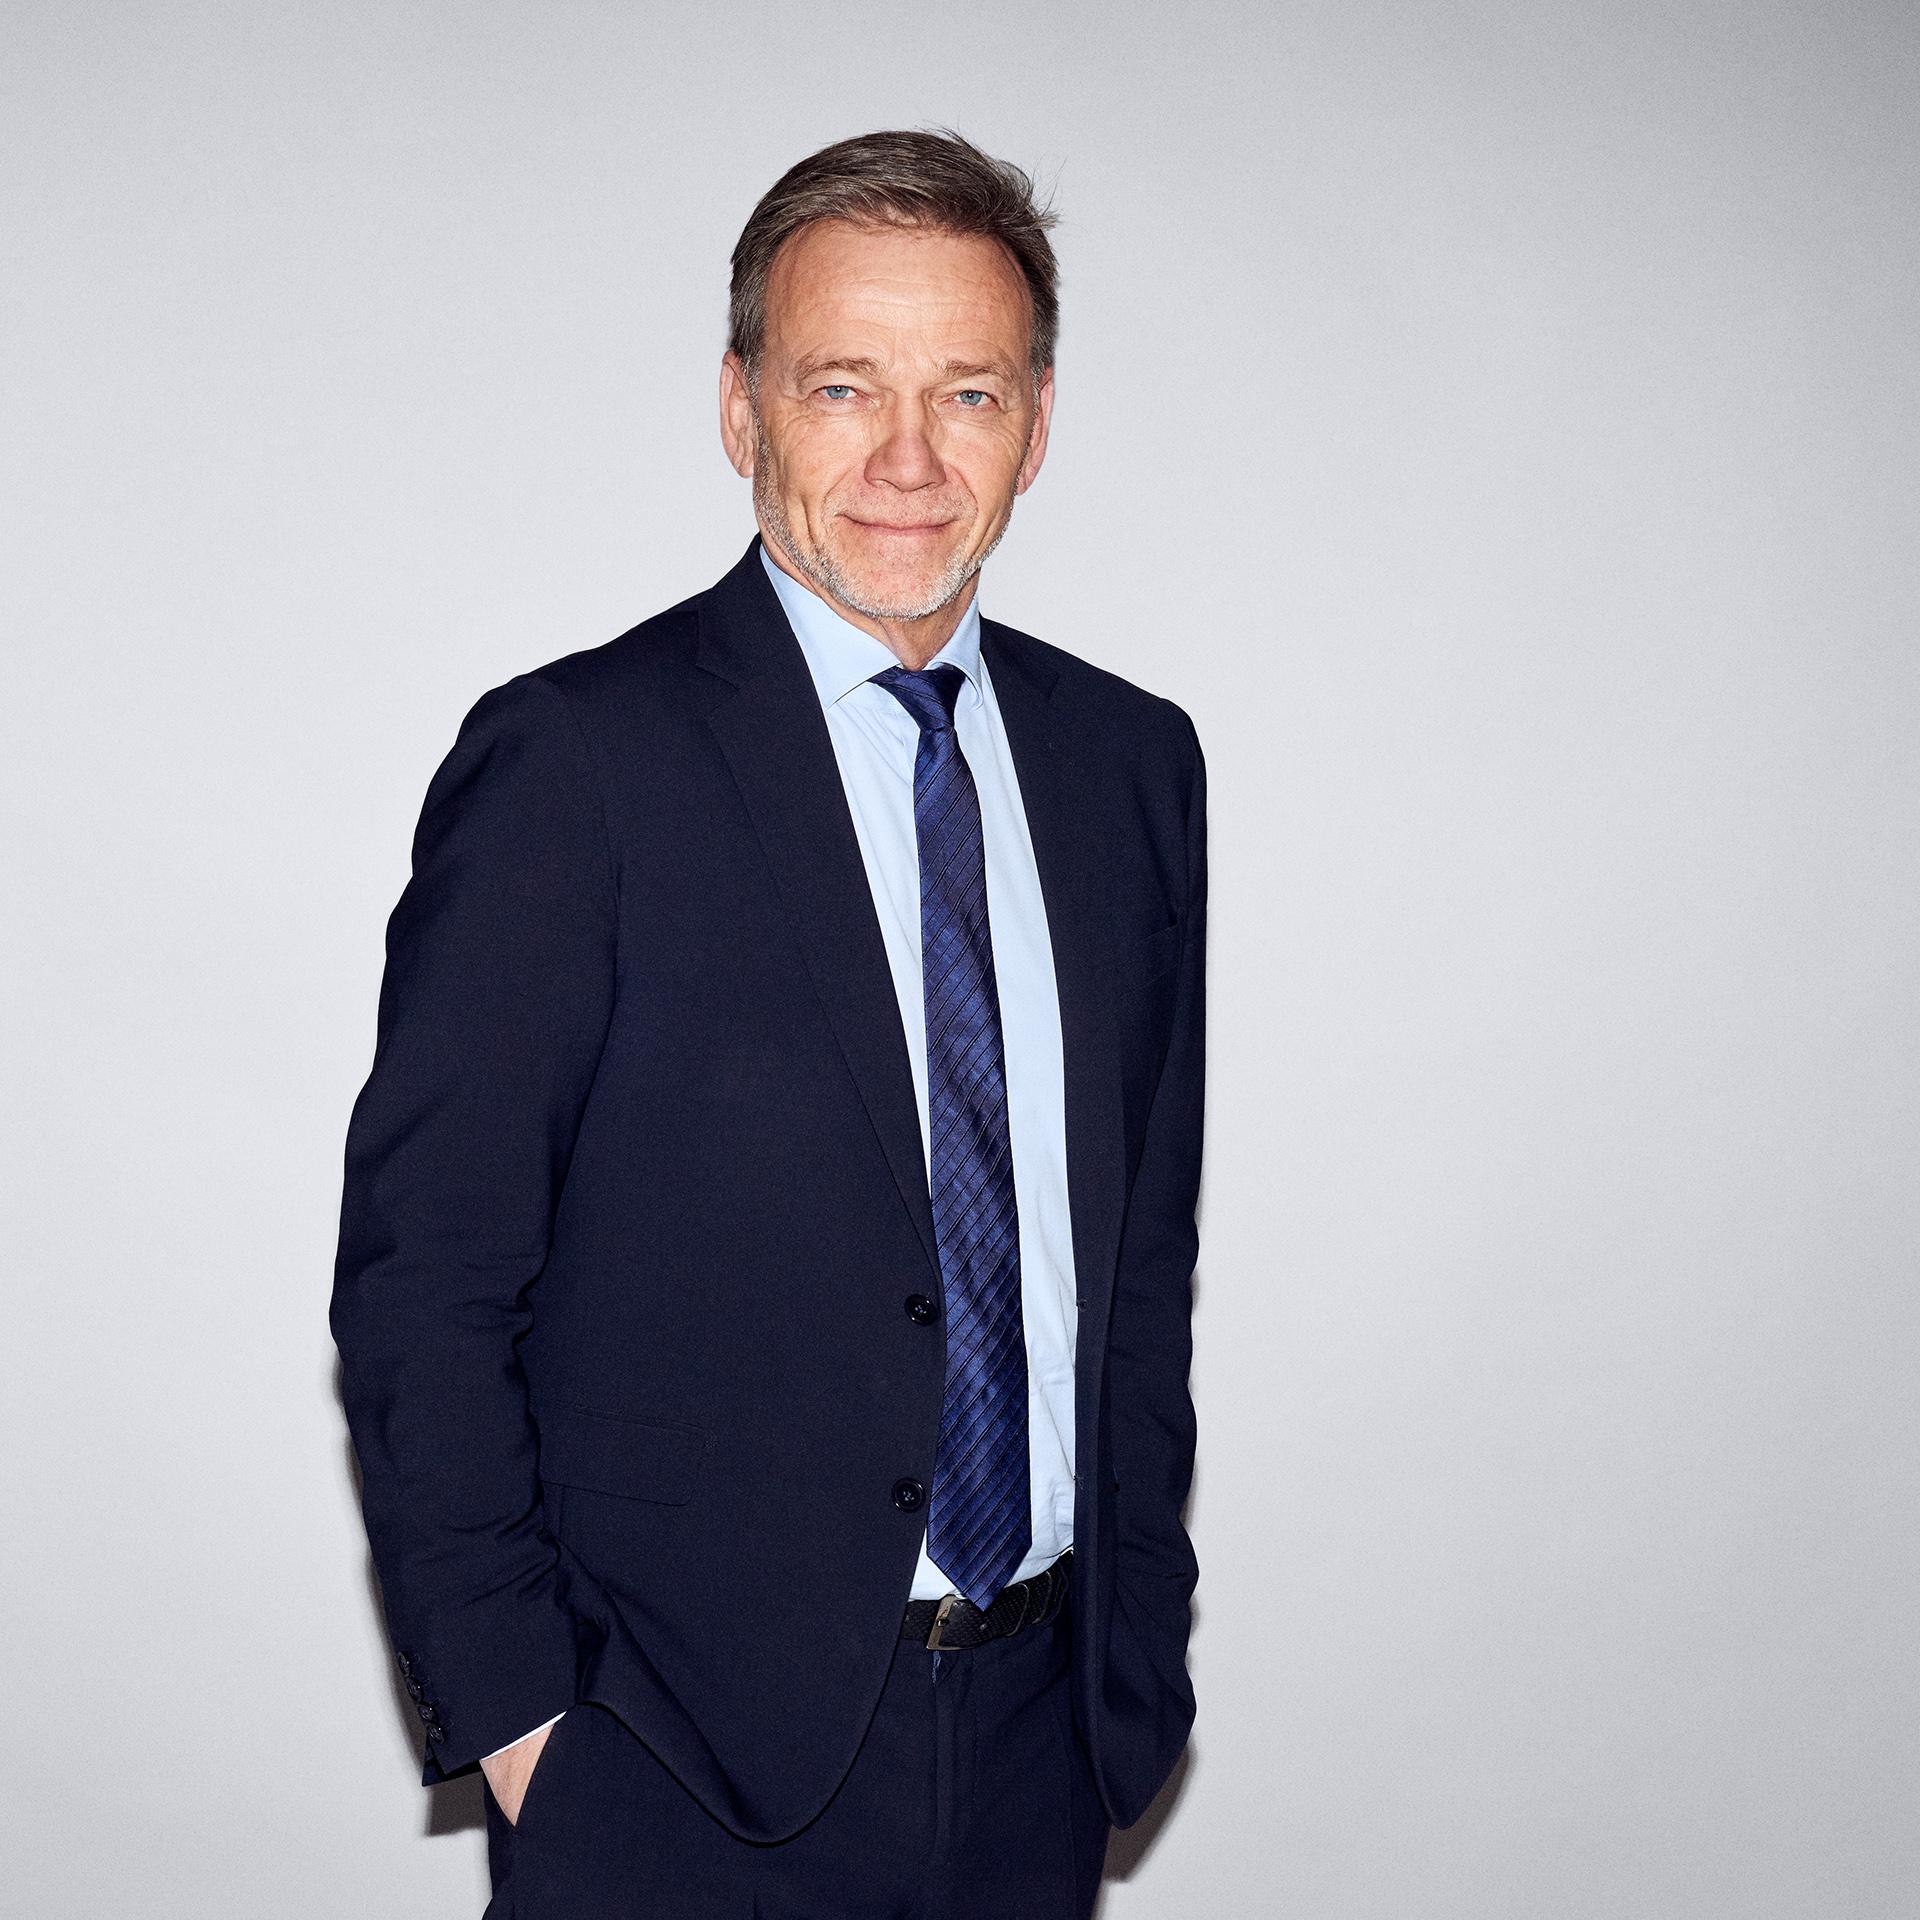 Søren Kaster